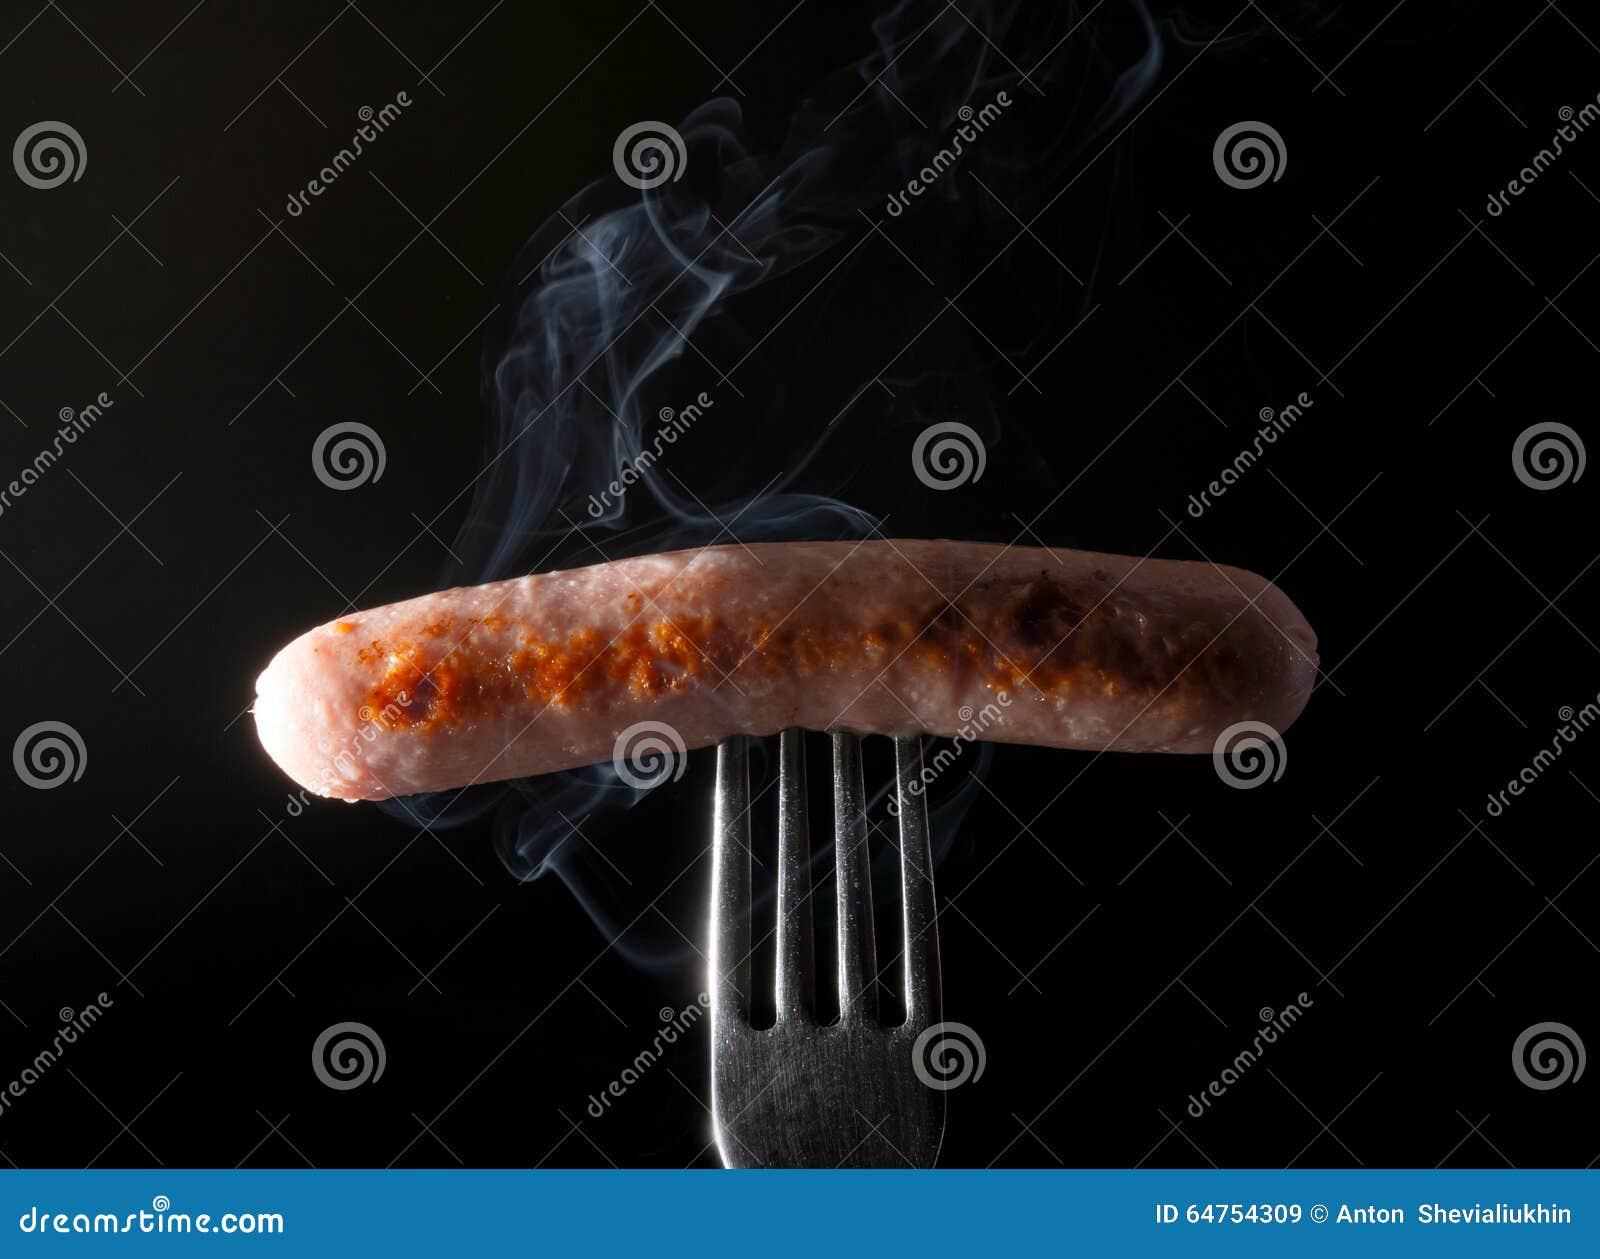 Grillad korv på en gaffel som ångar bakgrund för röksvart